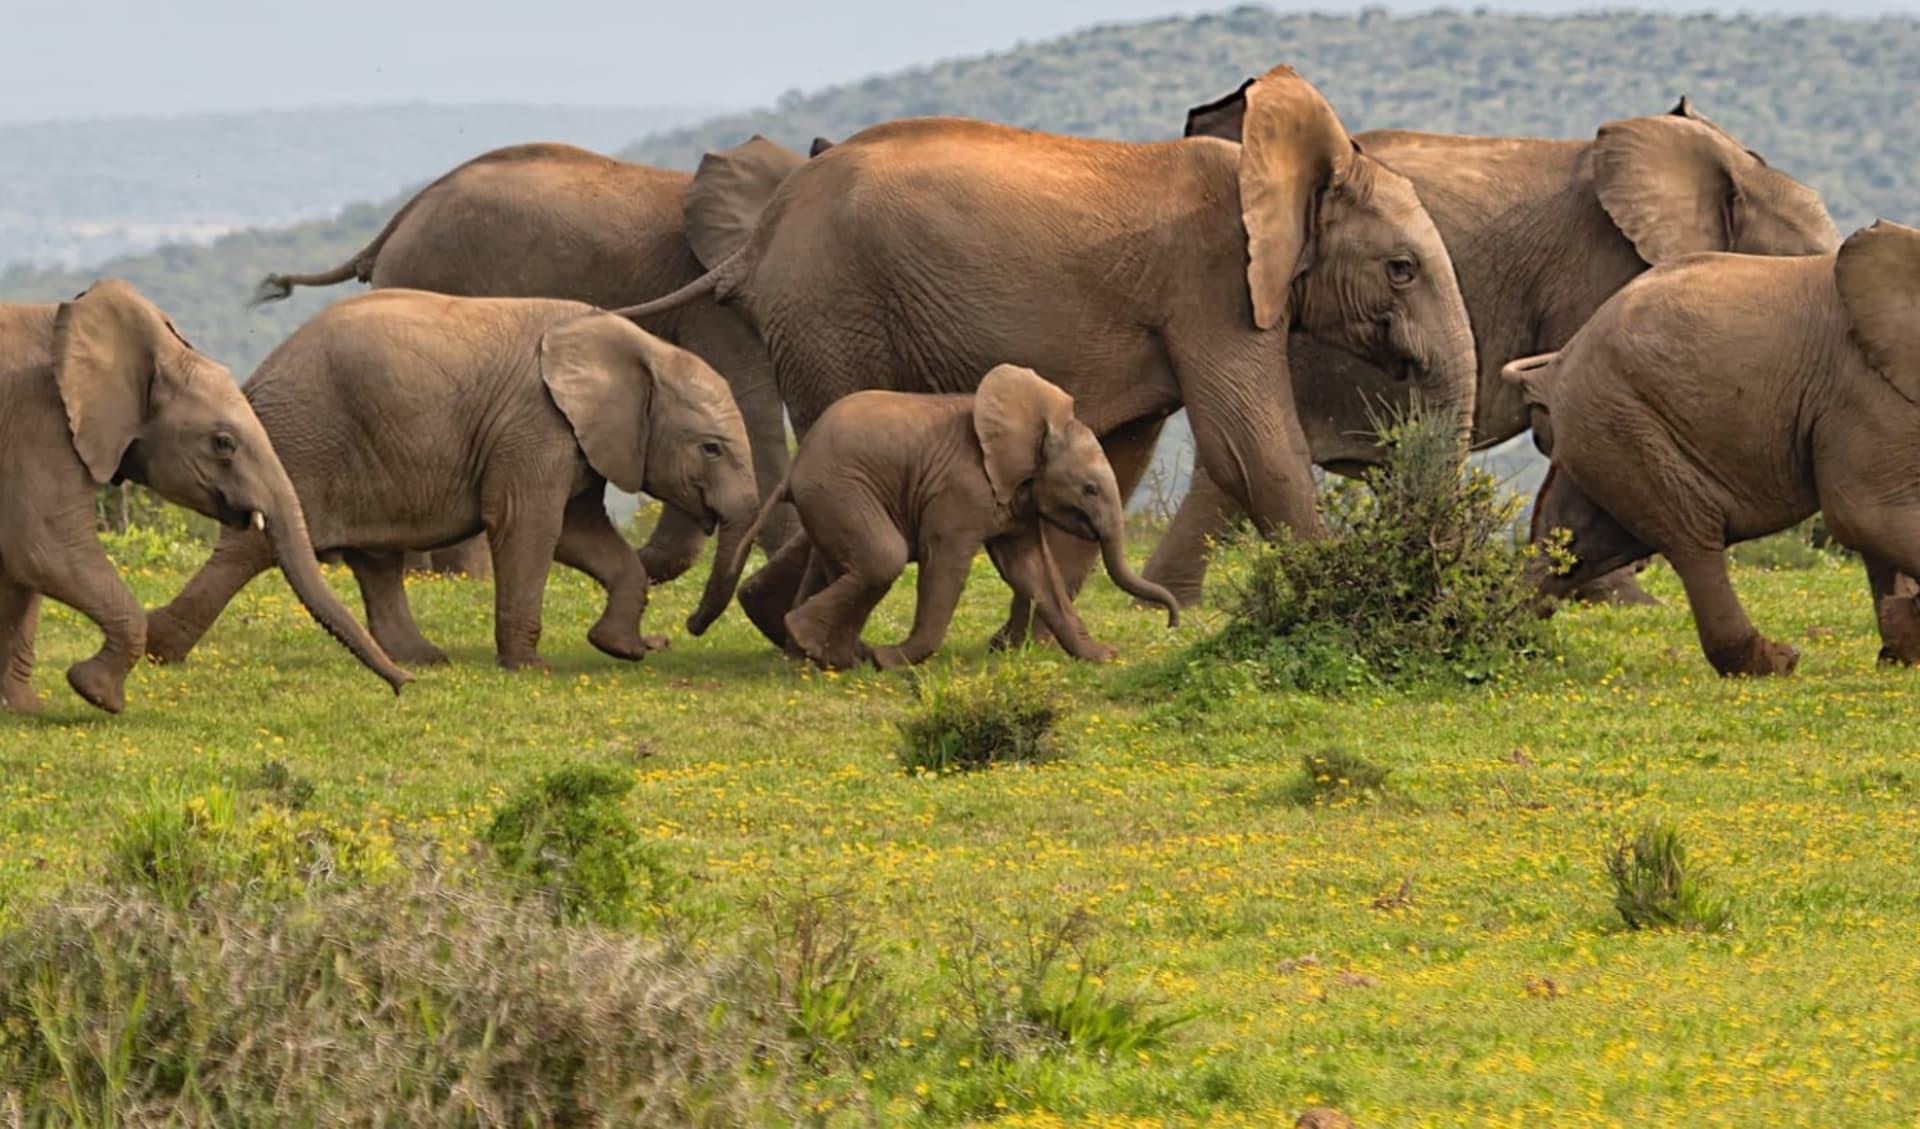 Südafrikanische Impressionen ab Johannesburg: tier Eco Friendly durch Namibia - Elefanten c